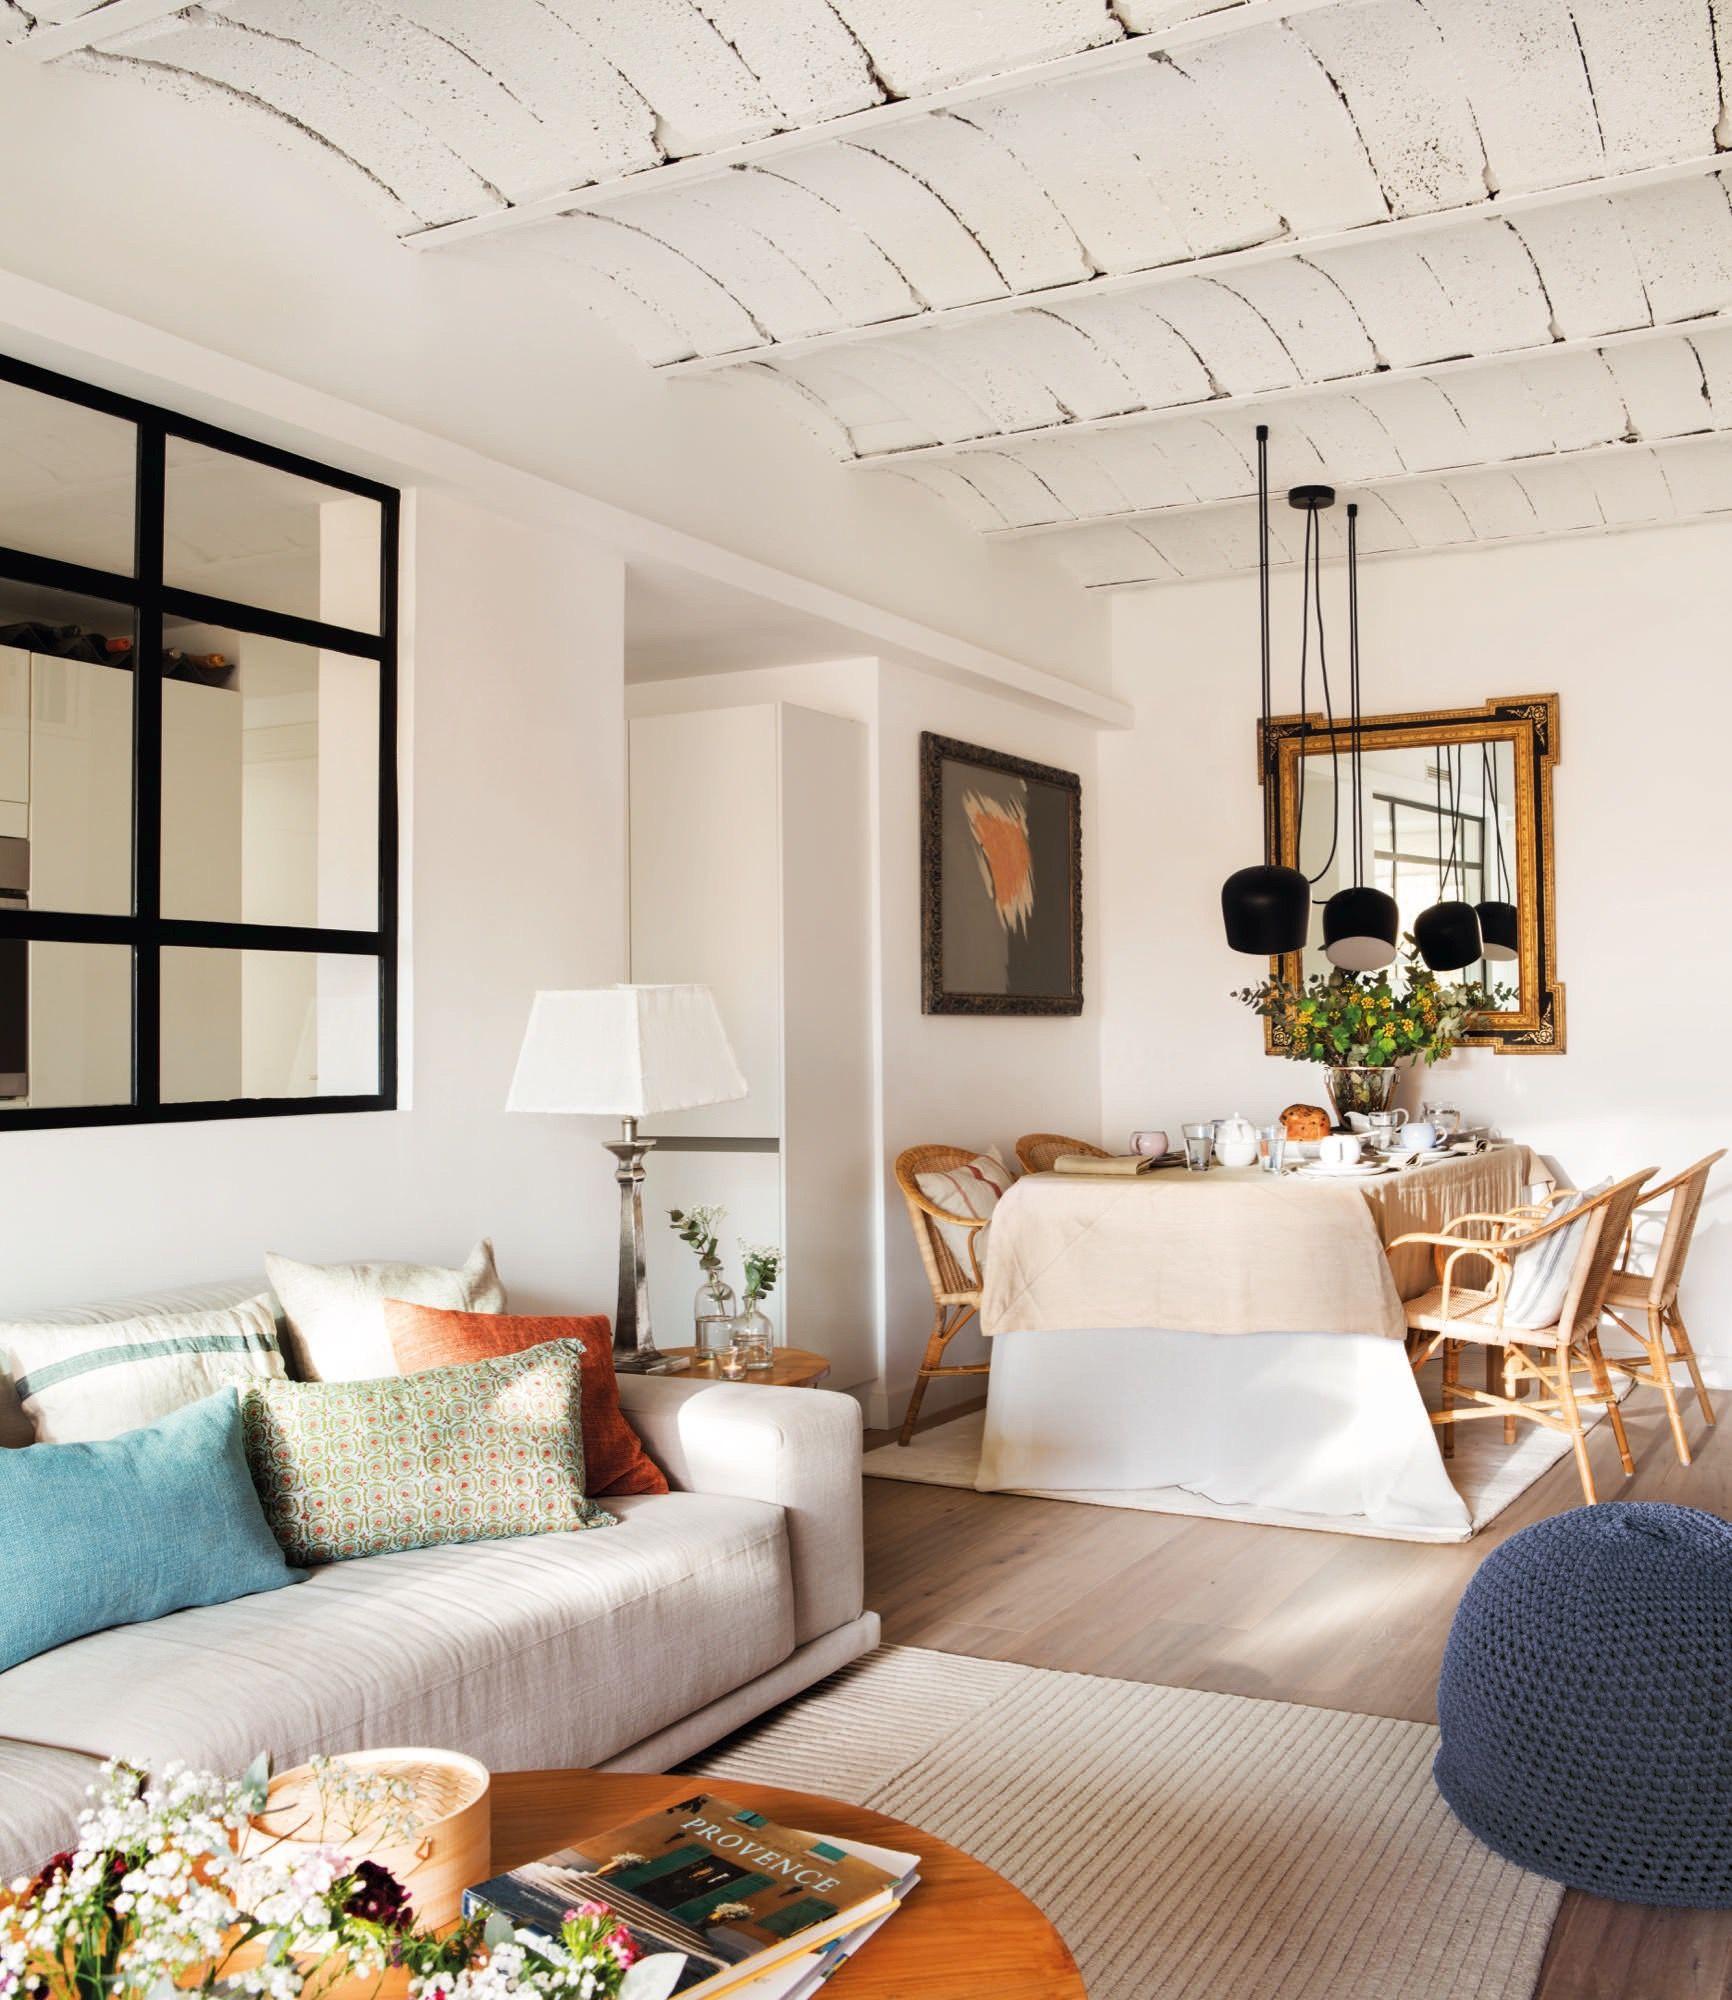 Salon comedor de un piso peque o con ventana de cristal - Decorar piso pequeno ...